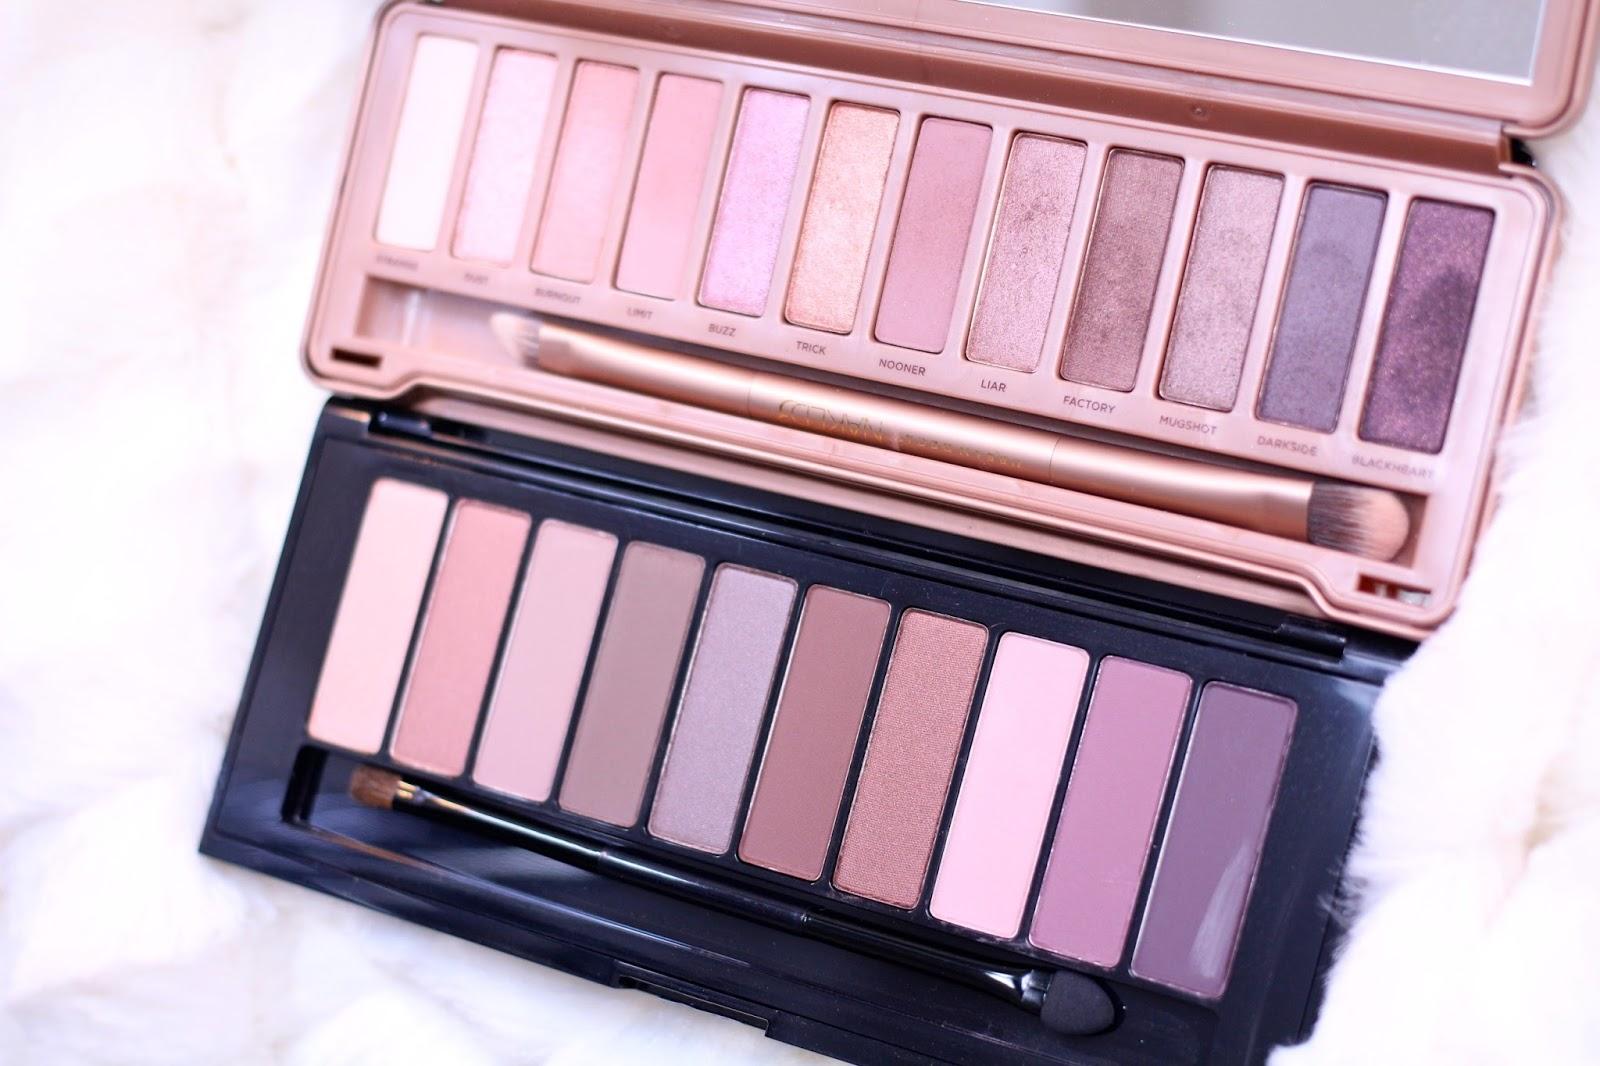 The Shop Diva Blog: NEW LOreal LA PALETTE NUDE 1 & 2 Palette